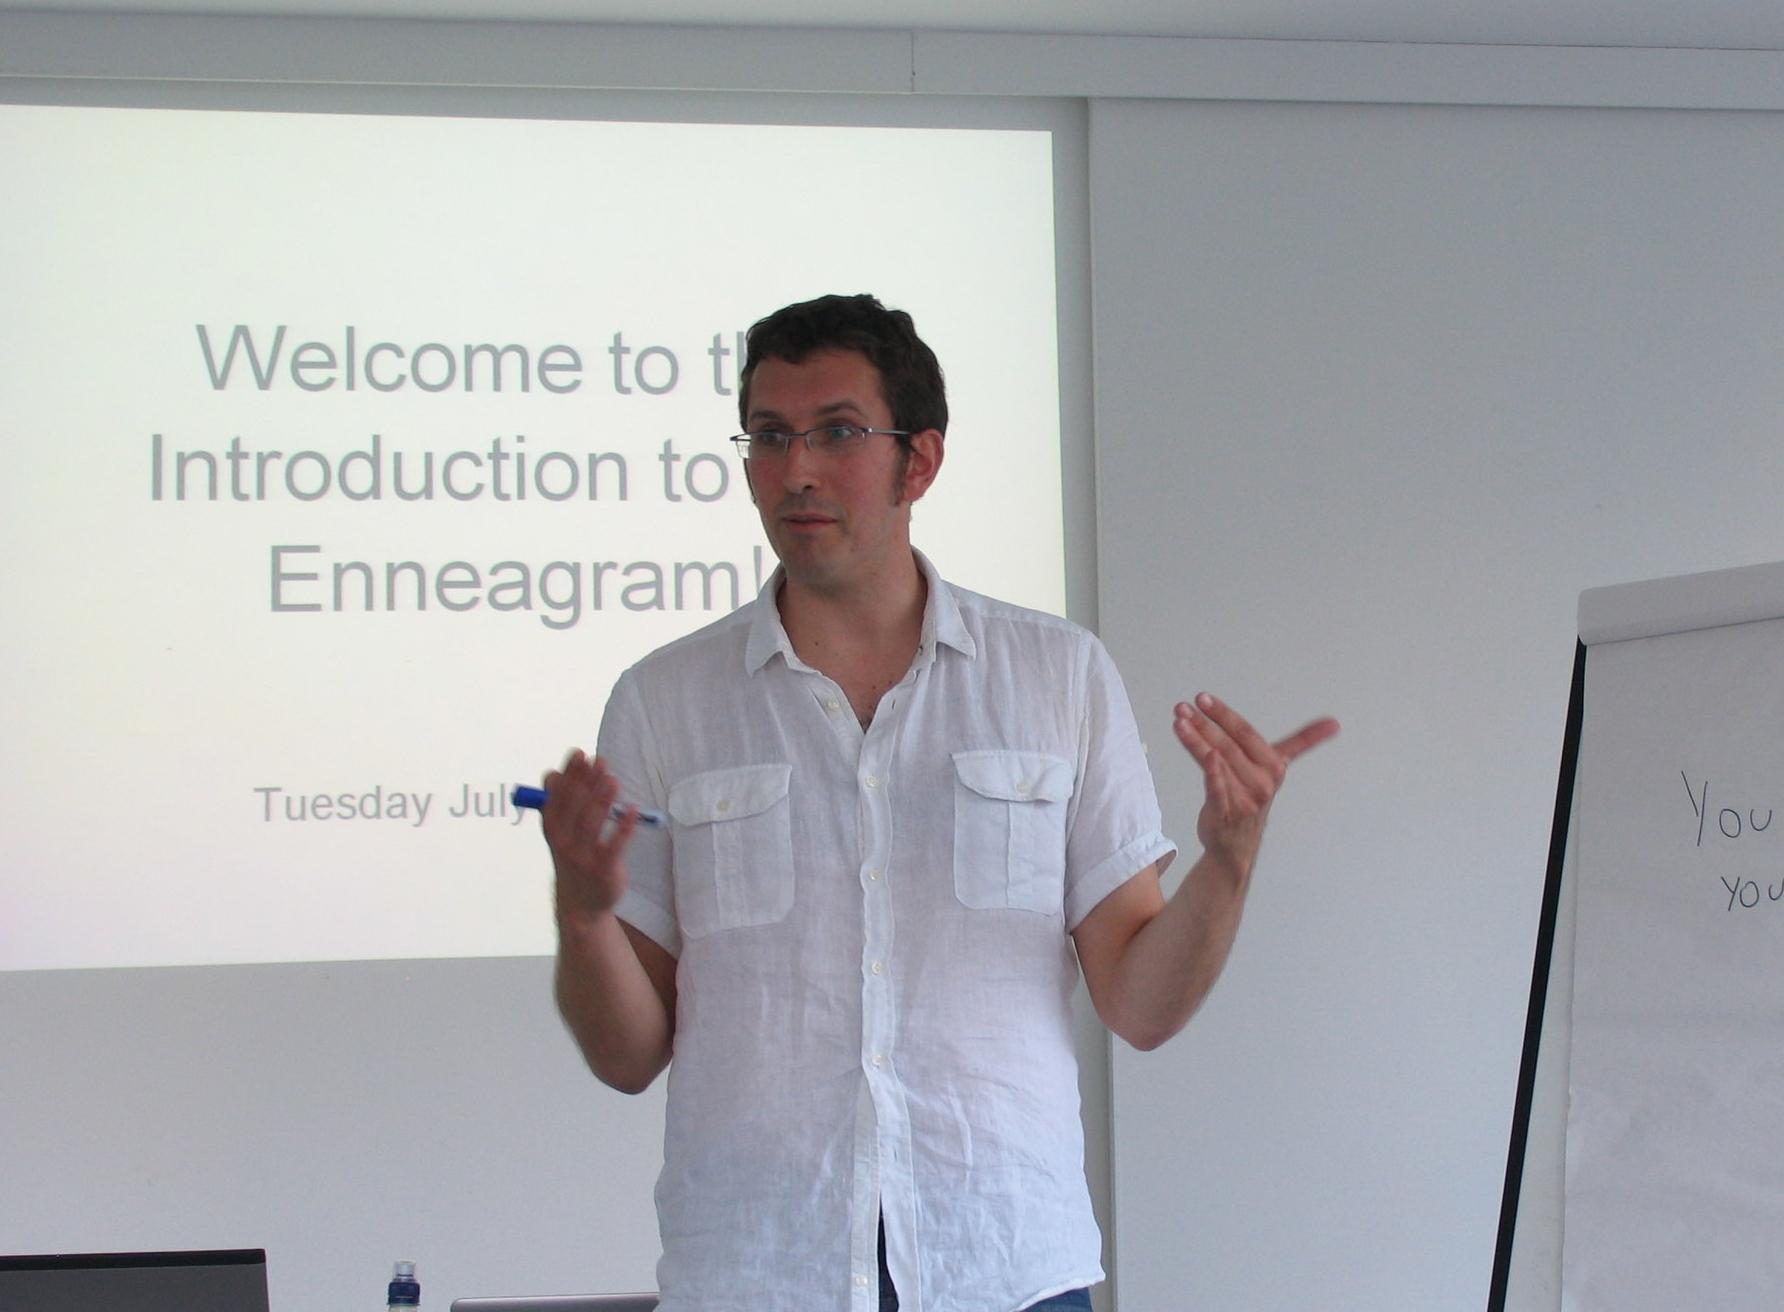 Jack teaching Enneagram.jpg